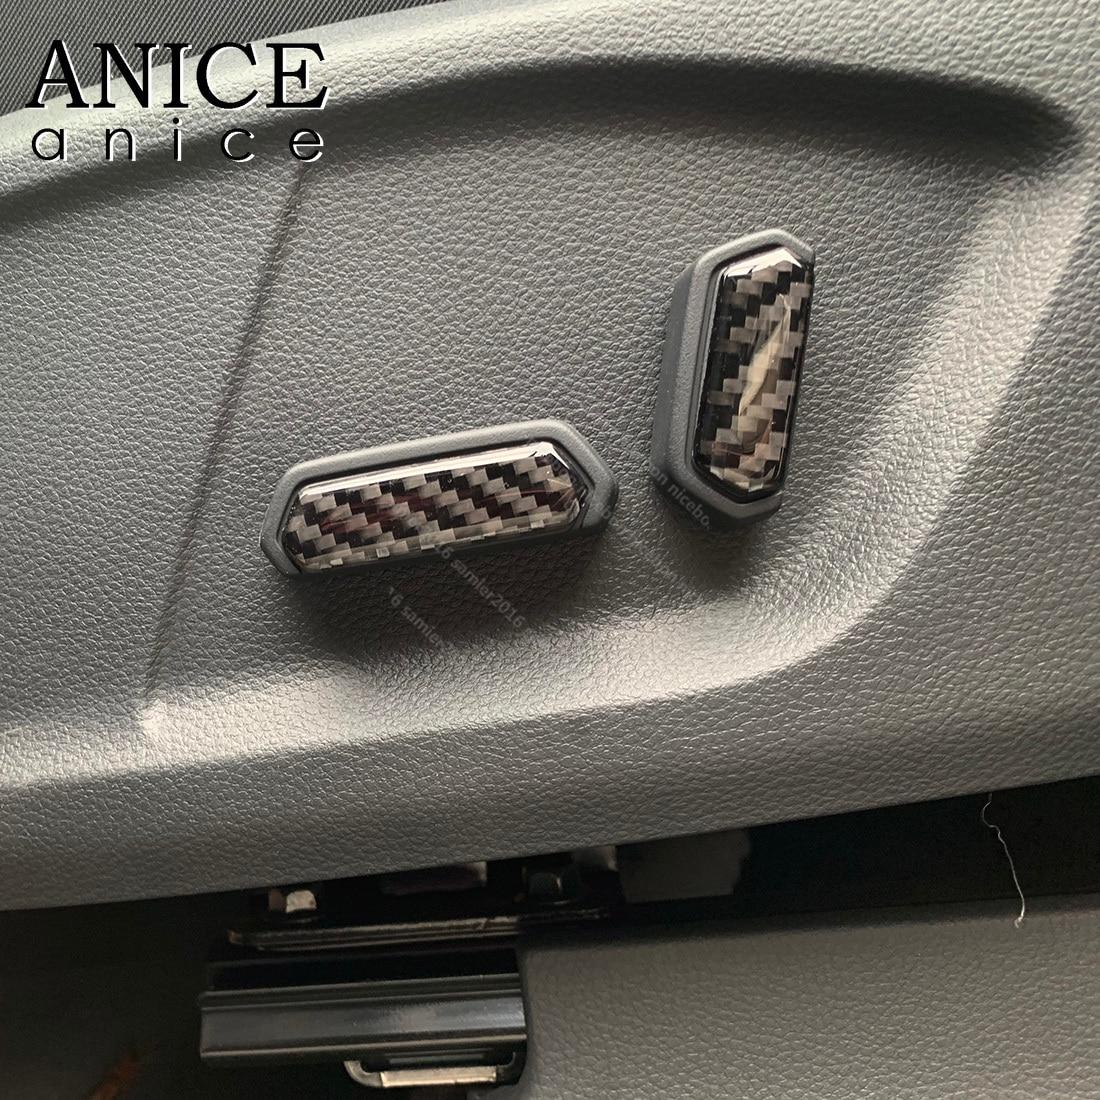 Carbon Fiber Inner Seat Adjust Button Case Cover Fit For Ford Ranger Everest Endeavour Mazda BT-50 BT50 2015 2016 2017 2018 2019